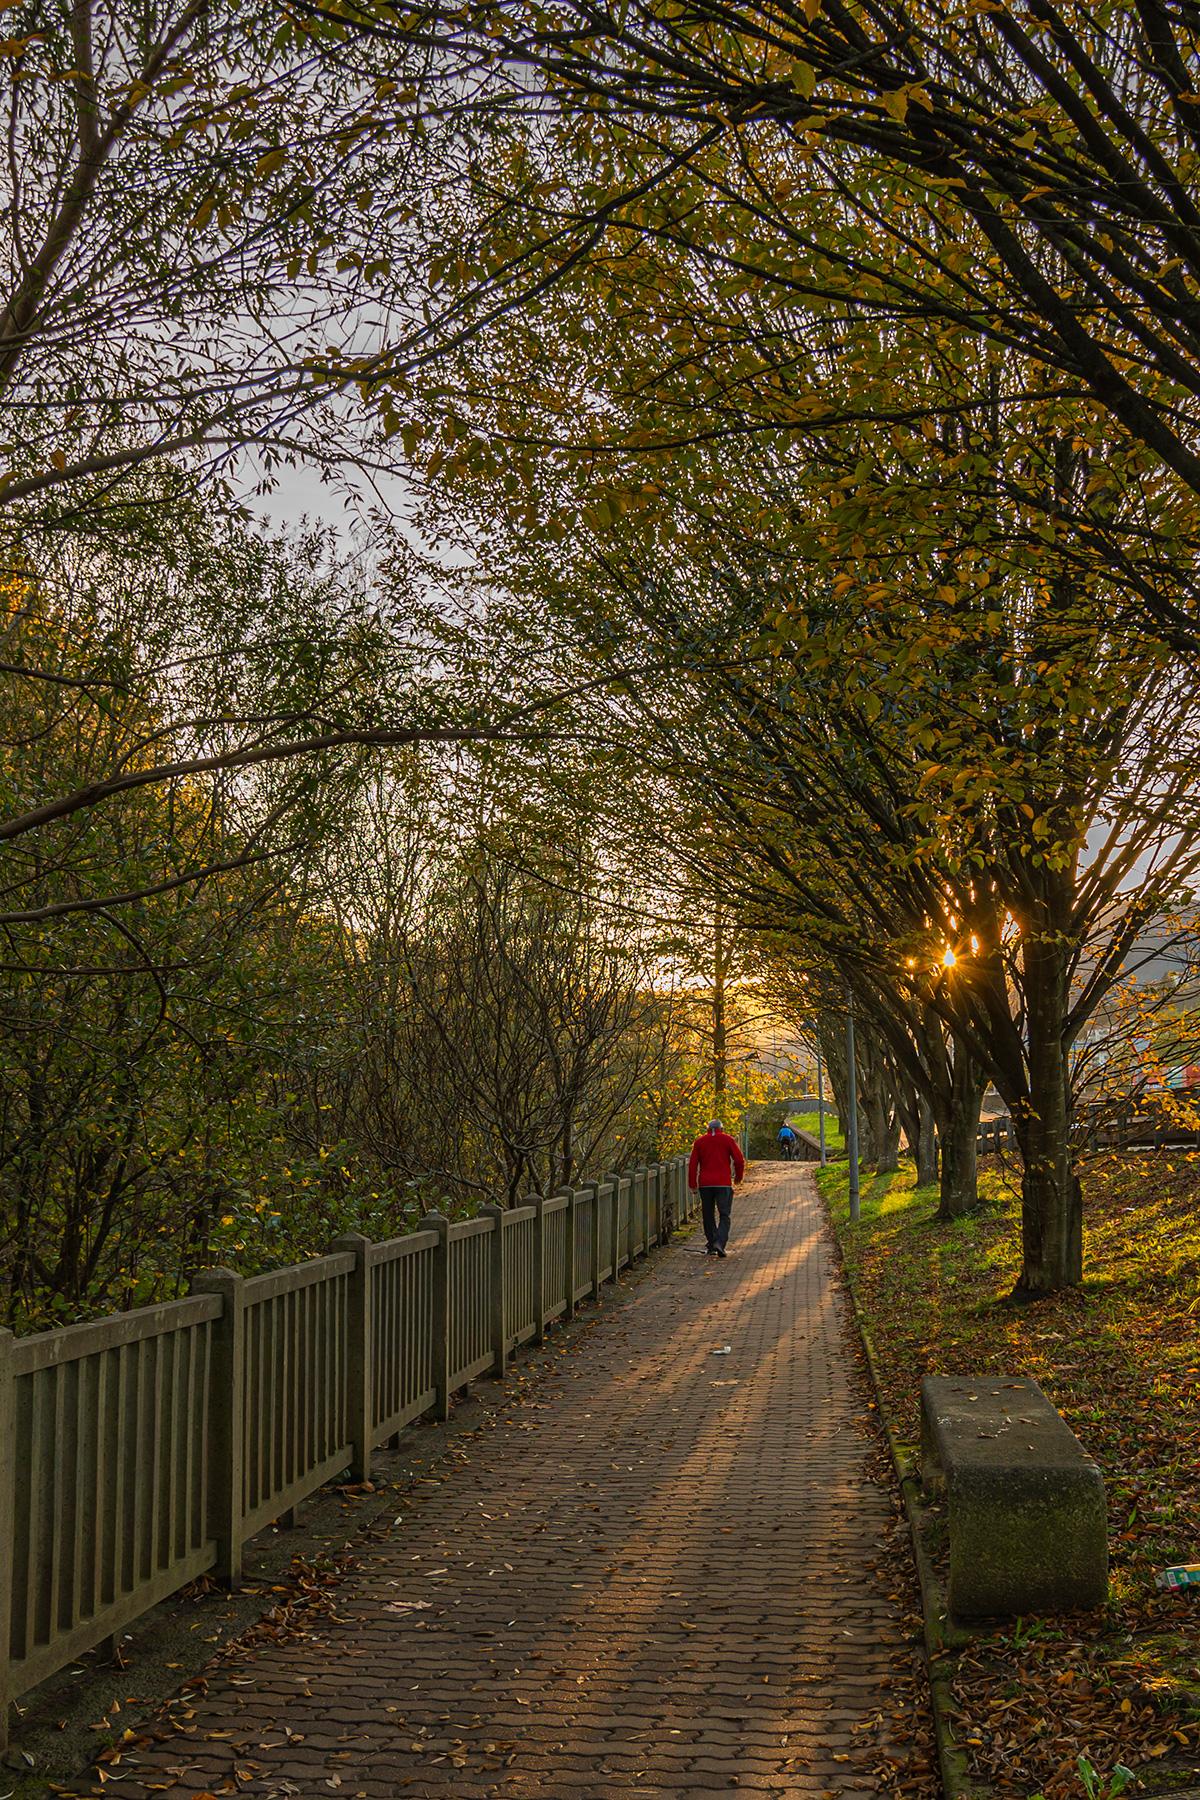 Sebas_Lozano-Paseo_de_otoño